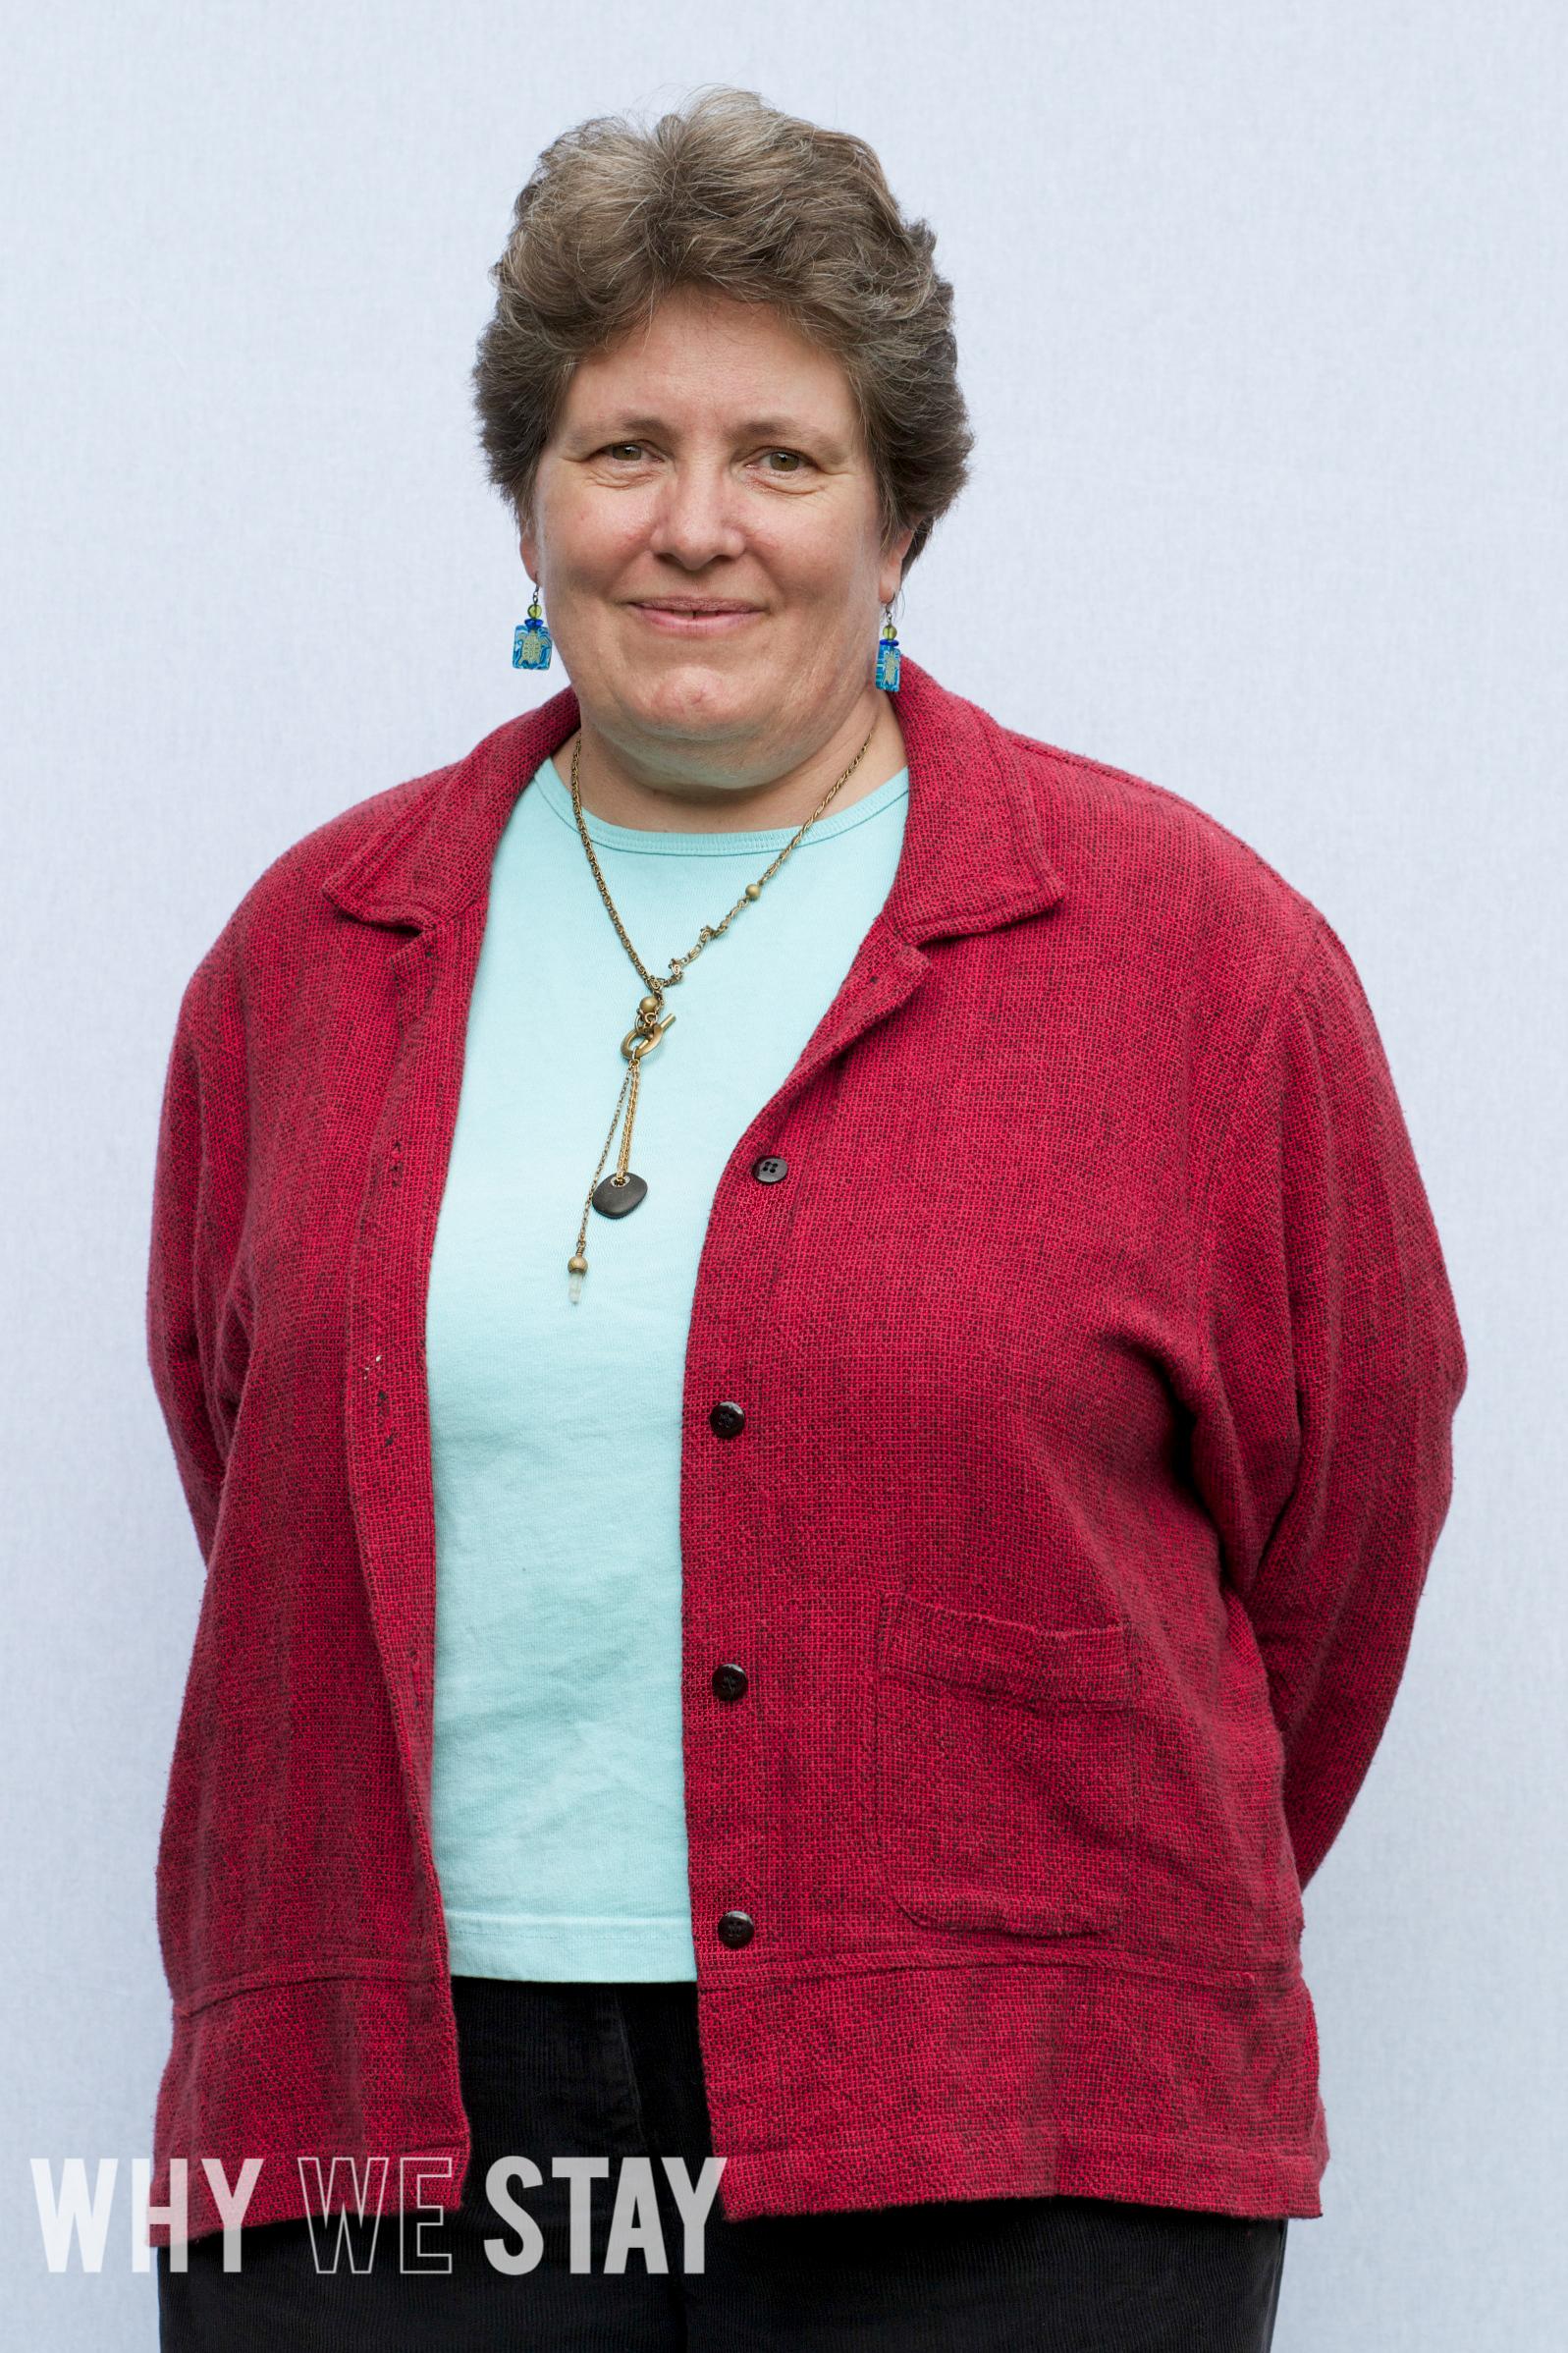 Heather Leavitt